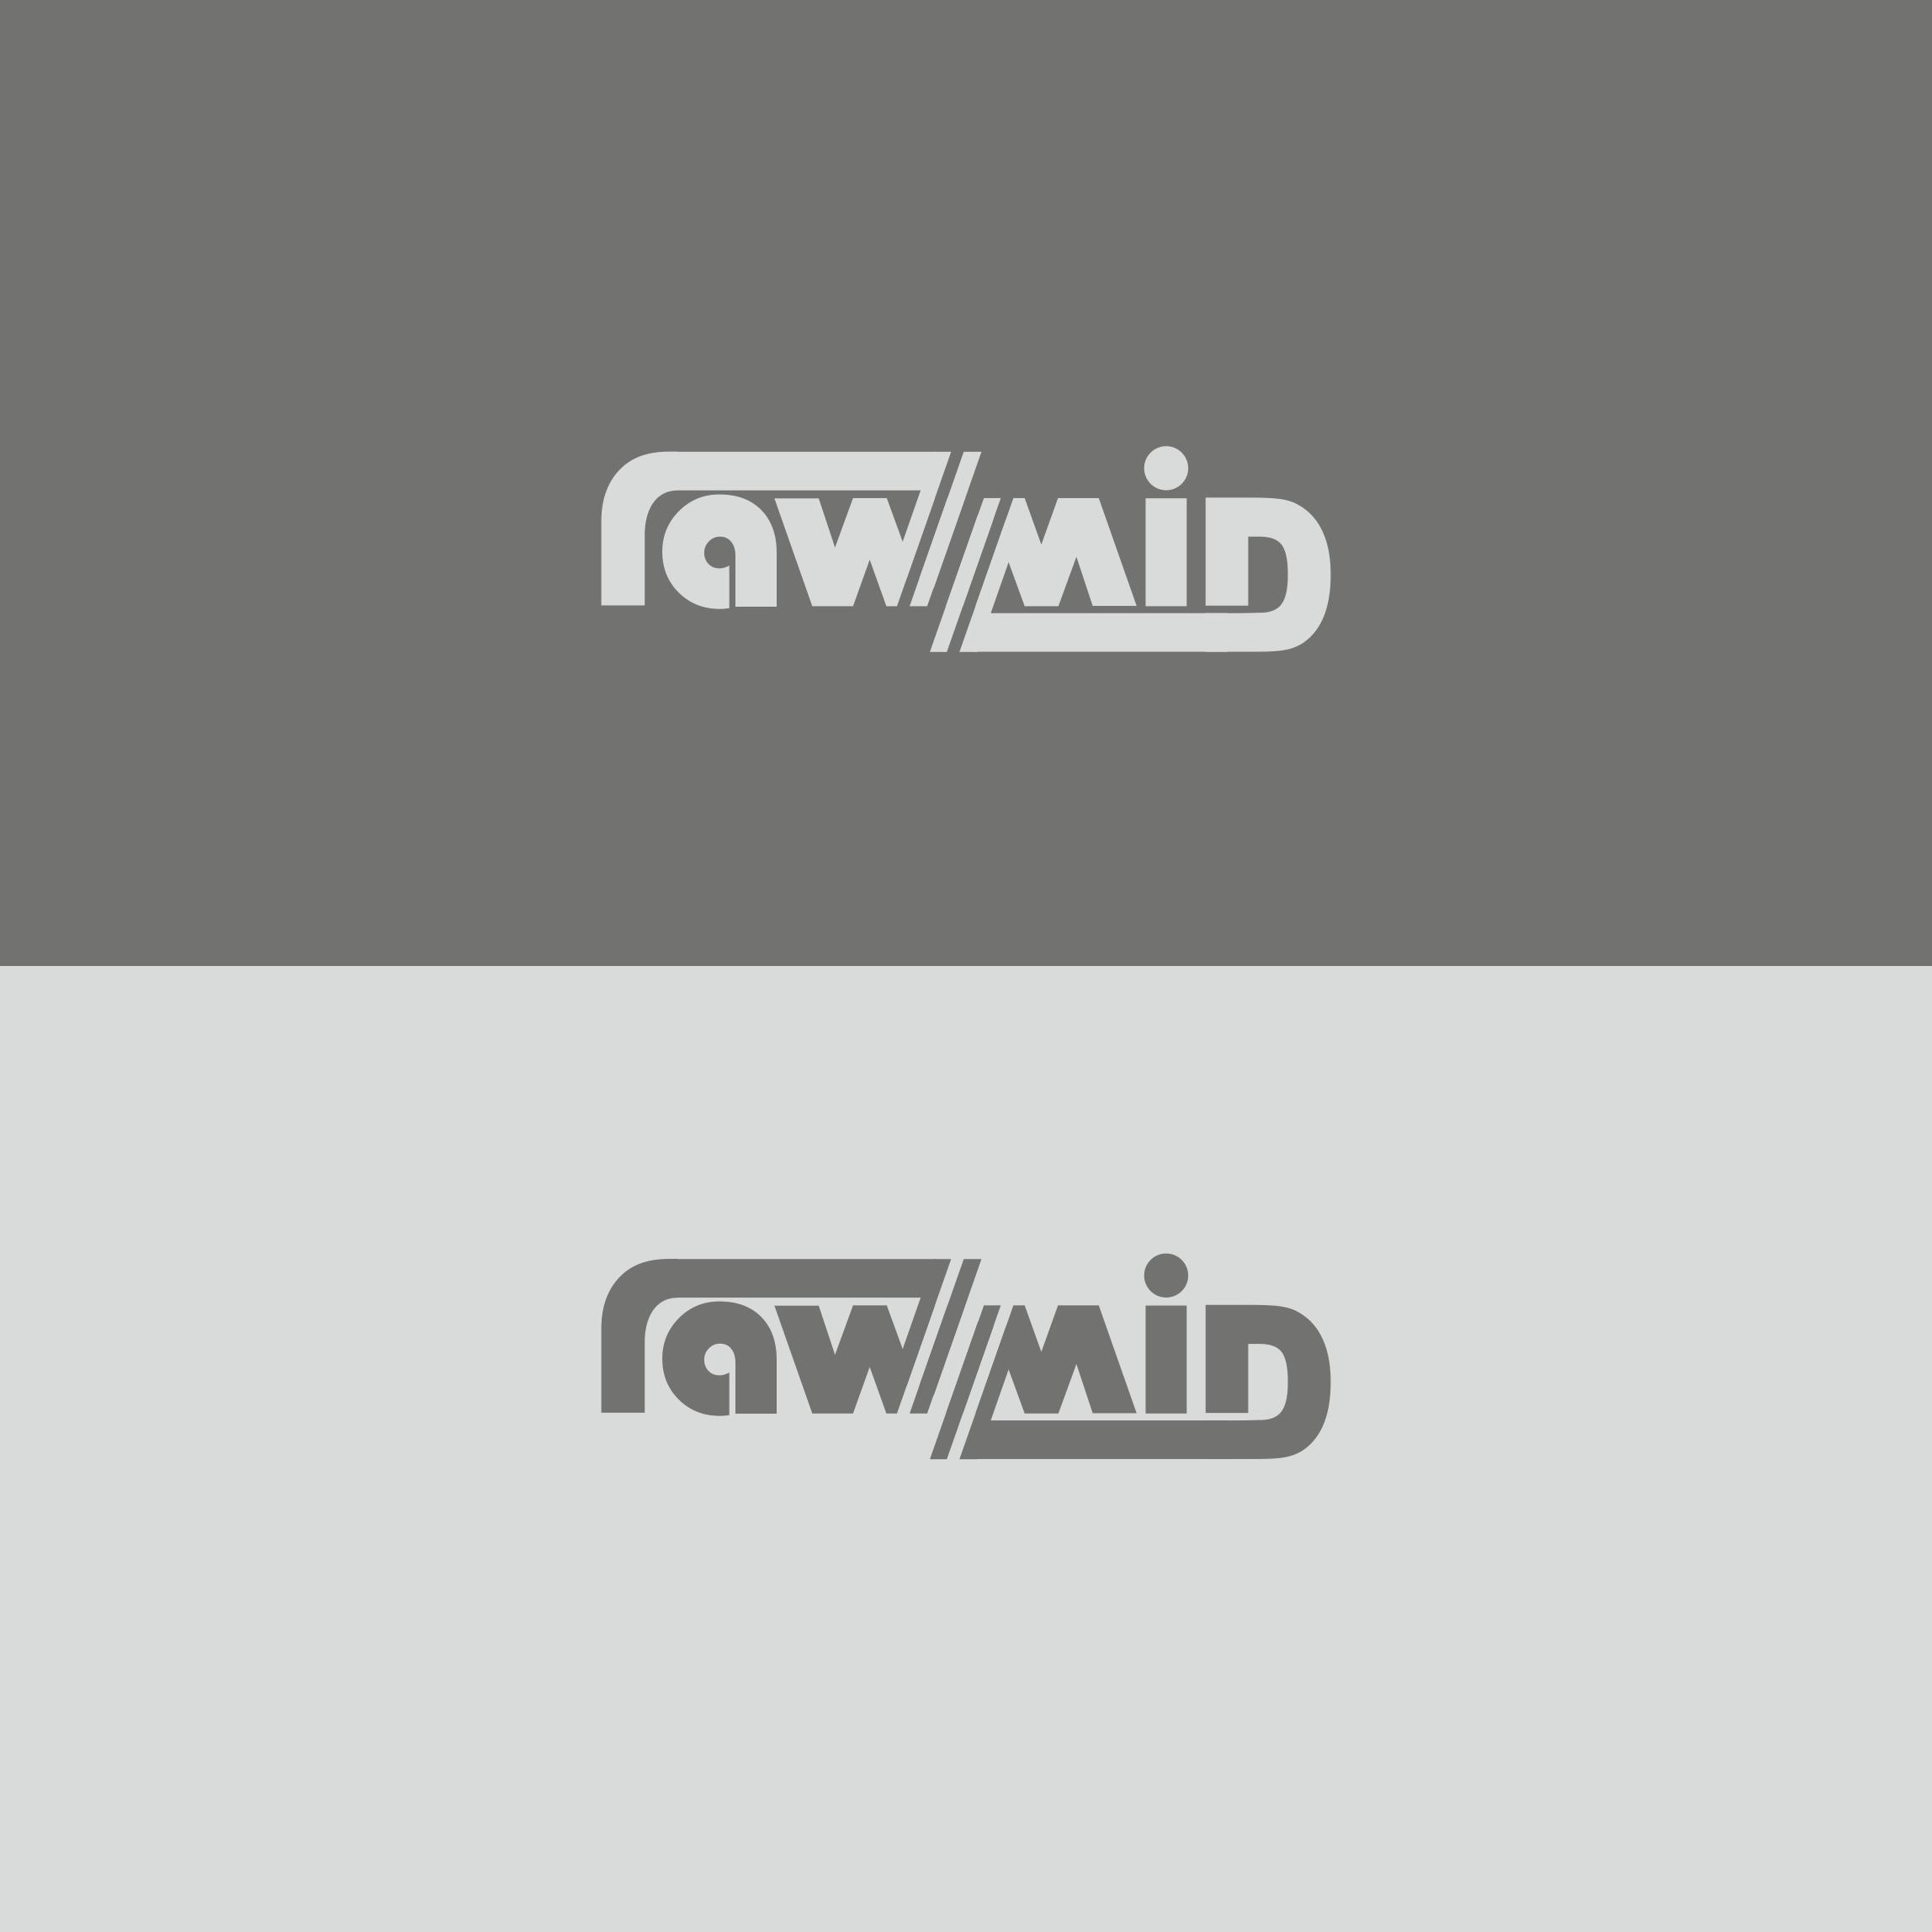 Создать логотип (буквенная часть) для бренда бытовой техники фото f_5925b34e3a7de8f5.png